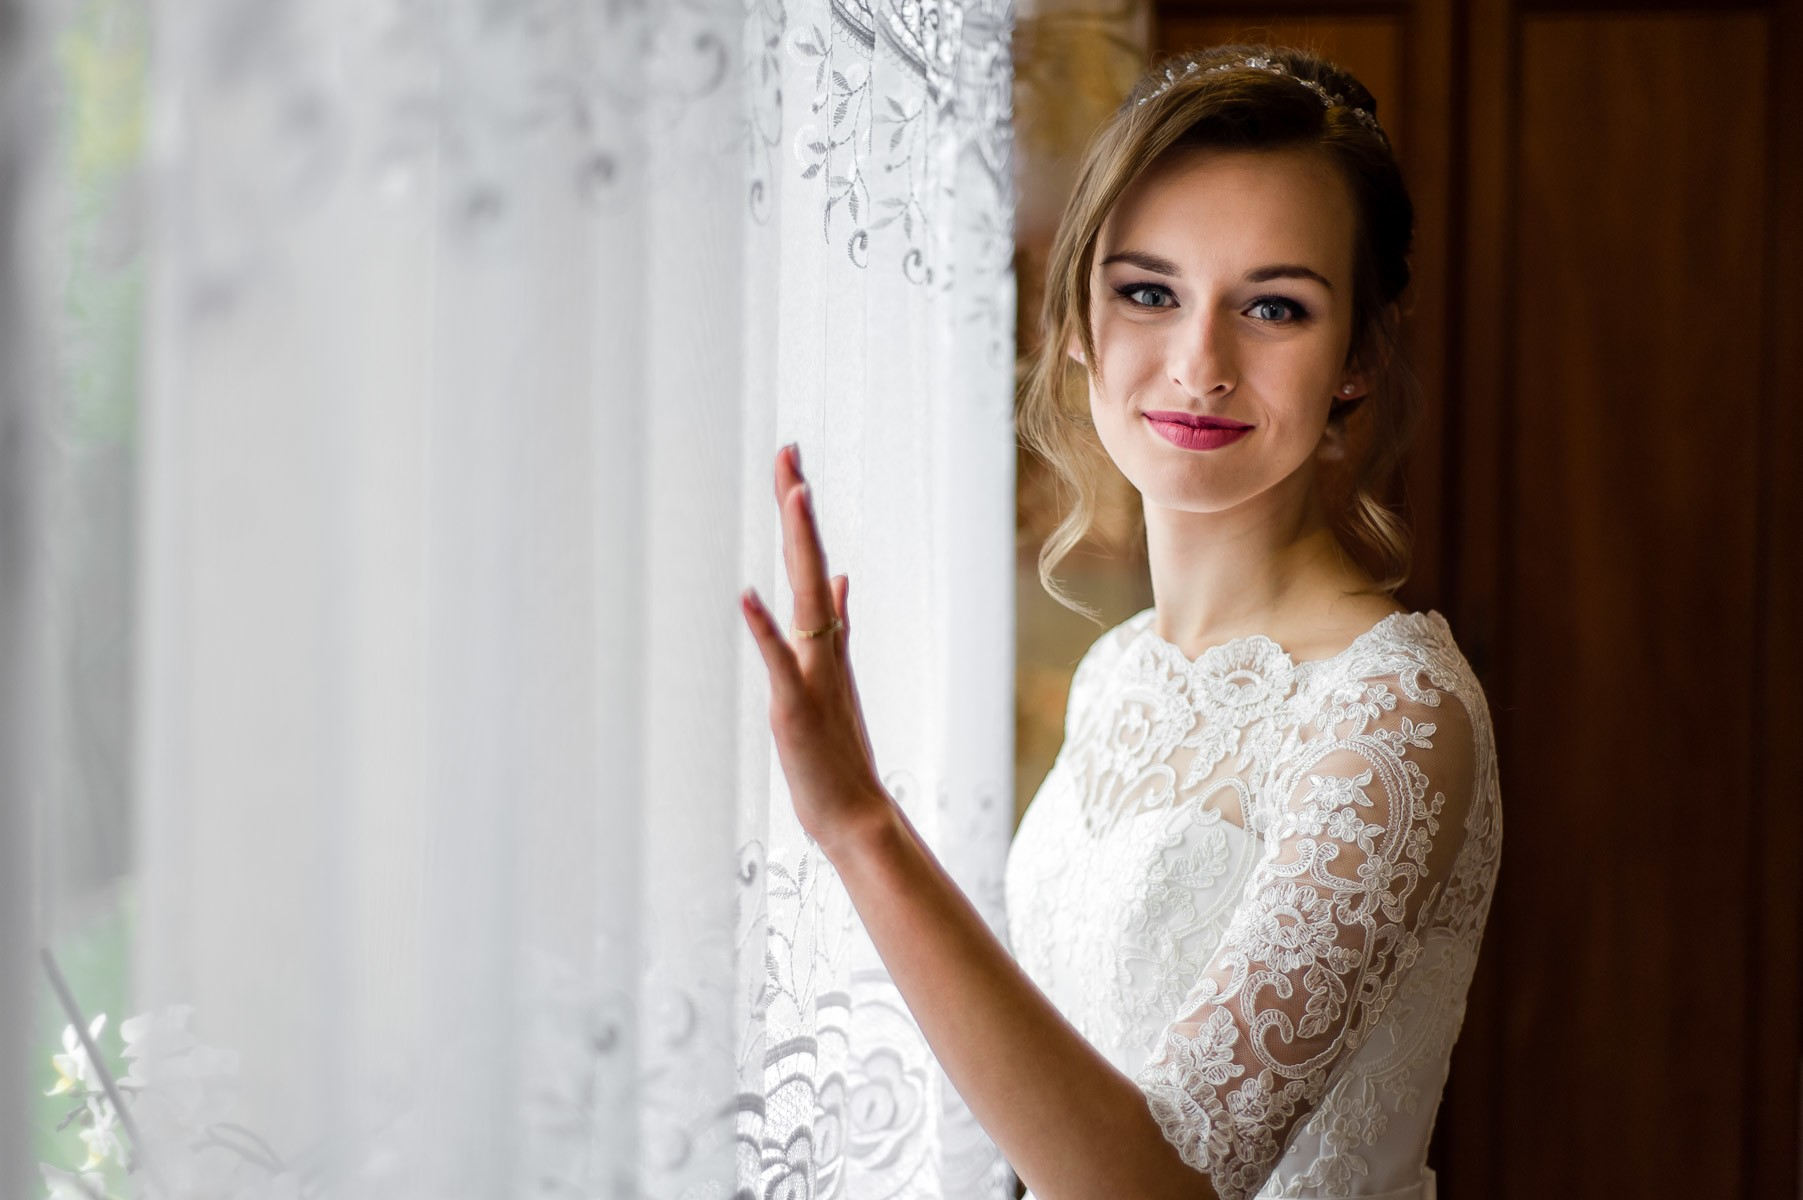 sala na skarpie fotograf slubny slask malopolska adam pietrusiak plener slubny w gorach jw wedding 103